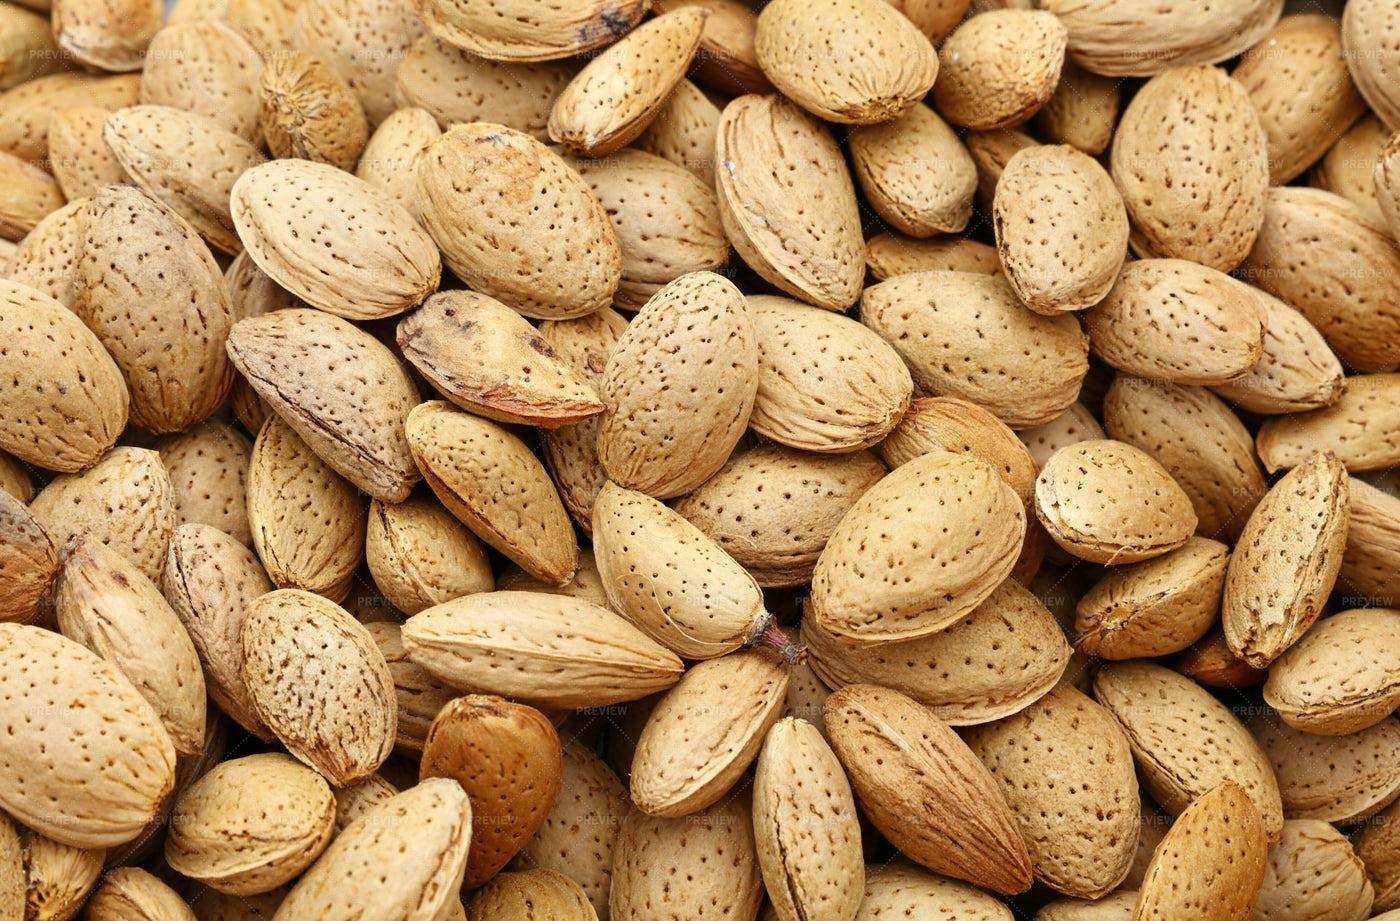 Almond Nuts In Nutshells: Stock Photos